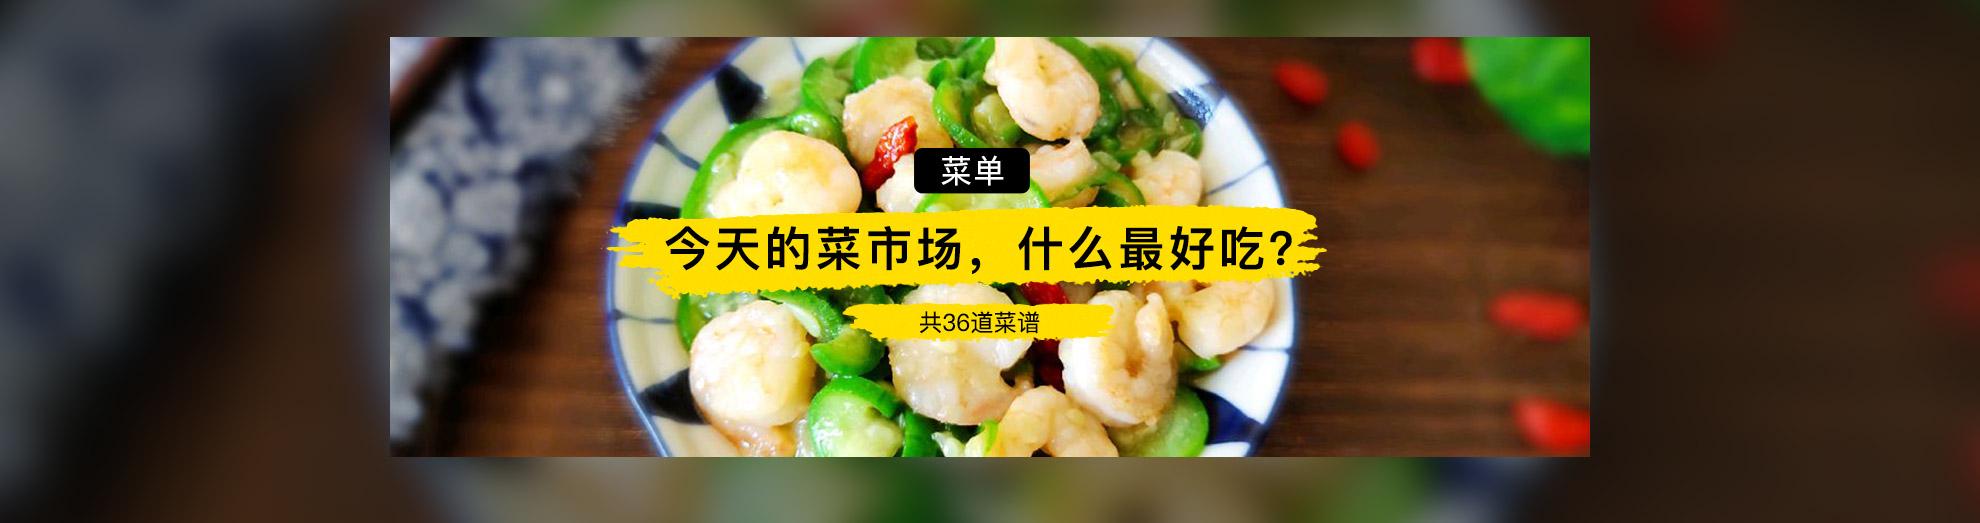 今天的菜市场,什么最好吃?}